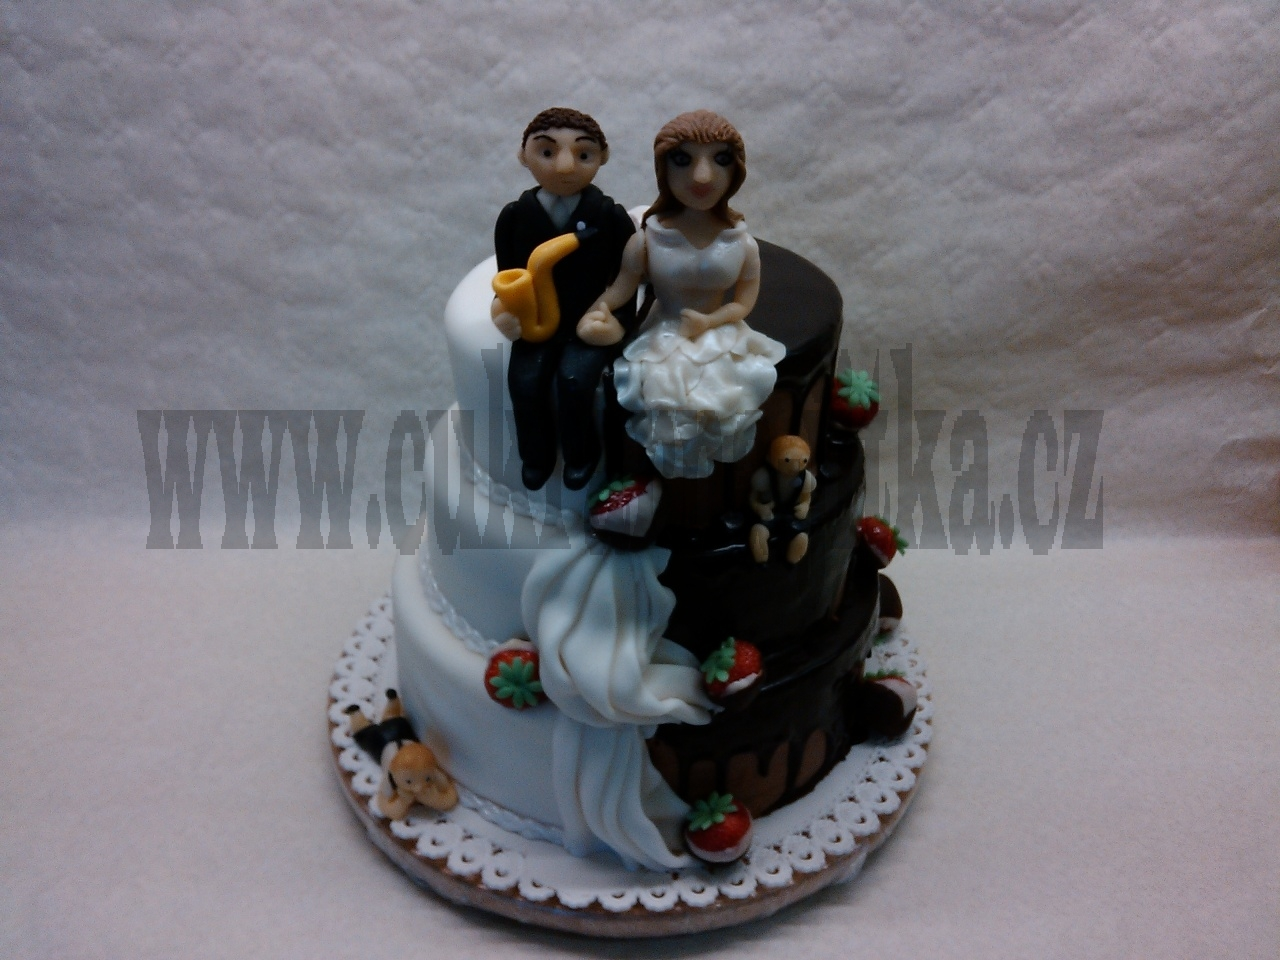 svatební 3 patrový půlený čokoládovo čokoládový-míša,marcipánovo ovocný míša